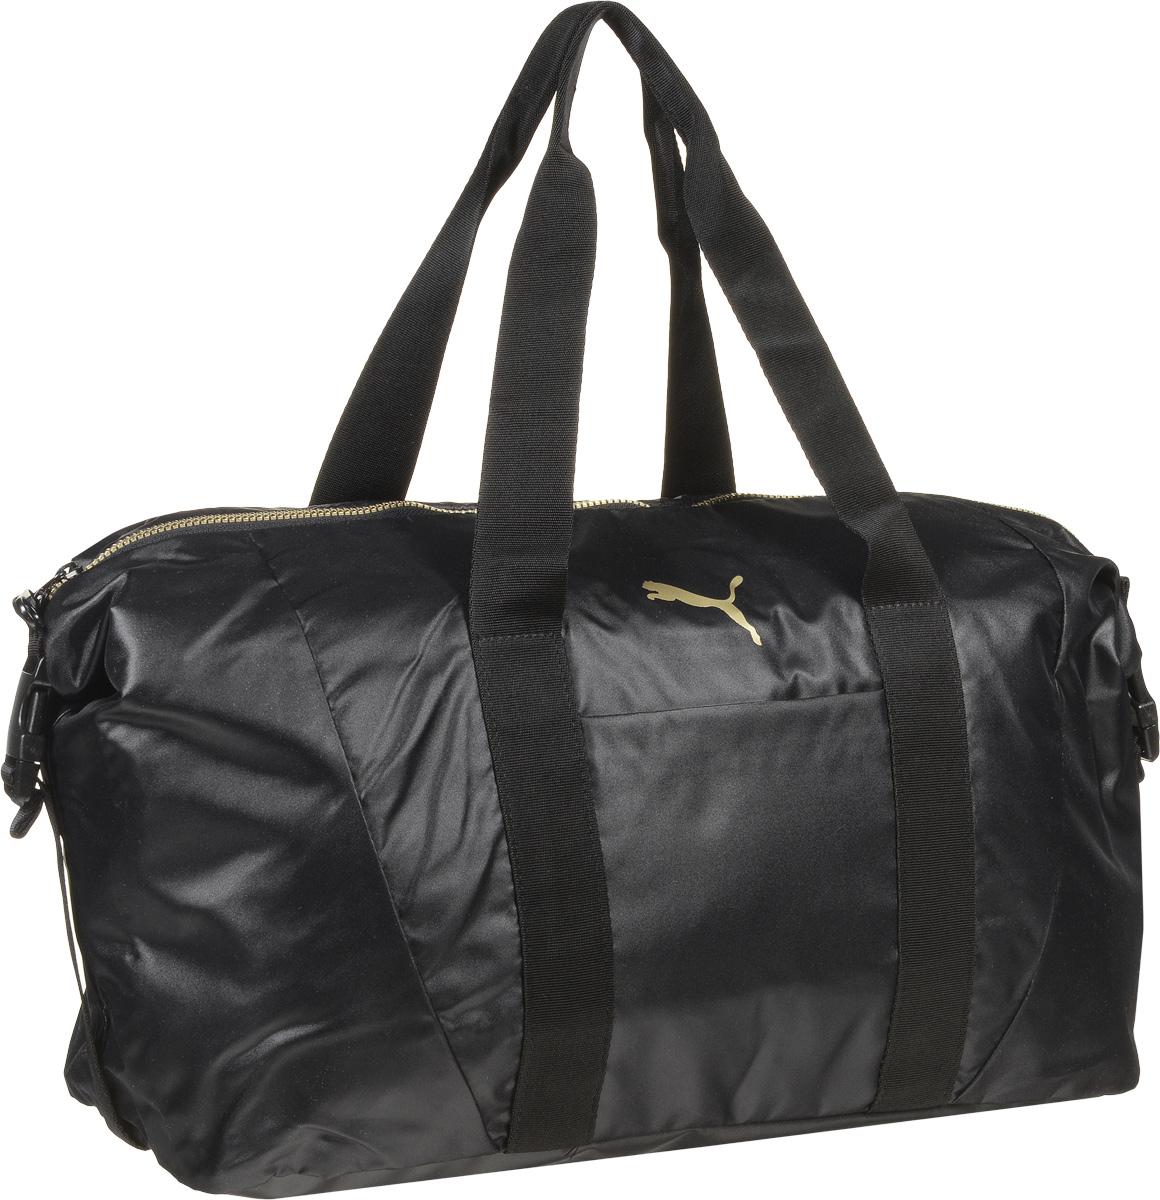 Сумка спортивная женская Puma Fit AT Workout Bag, цвет: черный. 0741370107413701Вместительная сумка Fit AT Workout Bag от Puma - удобный аксессуар для занятий спортом. Модель выполнена из непромокаемого нейлона, декорирована логотипом Puma Cat и цветными язычками застежек-молний с названием бренда. Сумка имеет главное отделение на молнии с двумя бегунками, накладной карман спереди, конструкцию с пластиковой пряжкой сбоку для изменения размера и формы сумки, карман на молнии и карман на липучке внутри и мягкие ручки для переноски из основного материала изделия. Функциональная подкладка из полиэстера некоторых отделений, водоотталкивающее покрытие нижней части обеспечивают максимум удобства. Сумка очень эргономична, поэтому вы сможете разместить все необходимое для тренировки. Основанный в 1948 году бренд Puma стал выбором многих героев мирового спорта. Дизайн Puma сосредоточен на стиле и функциональности моделей, поэтому коллекции брендовой одежды и обуви сочетают современный стиль с инновационными спортивными технологиями.